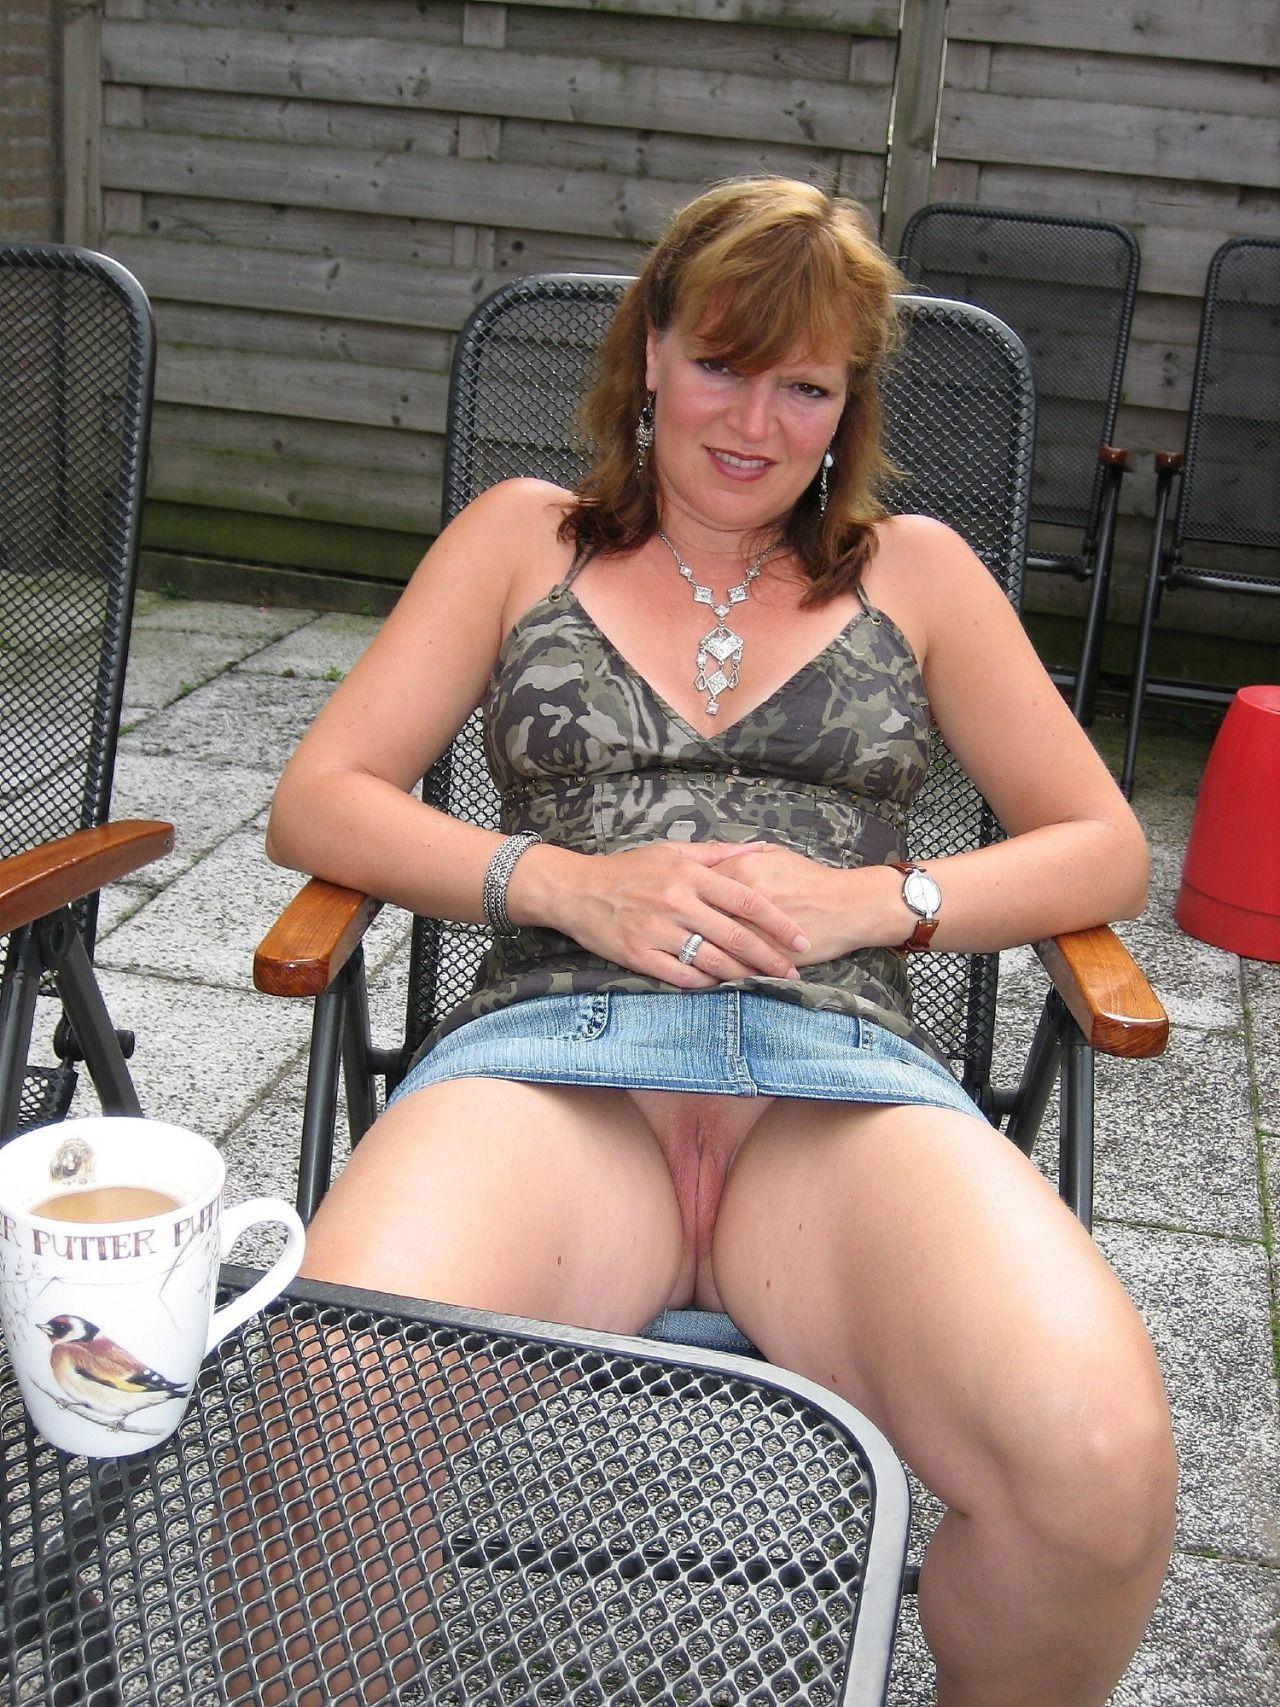 Mature Sex Mature Dutch Milf Free Hot Nude Porn Pic Gallery